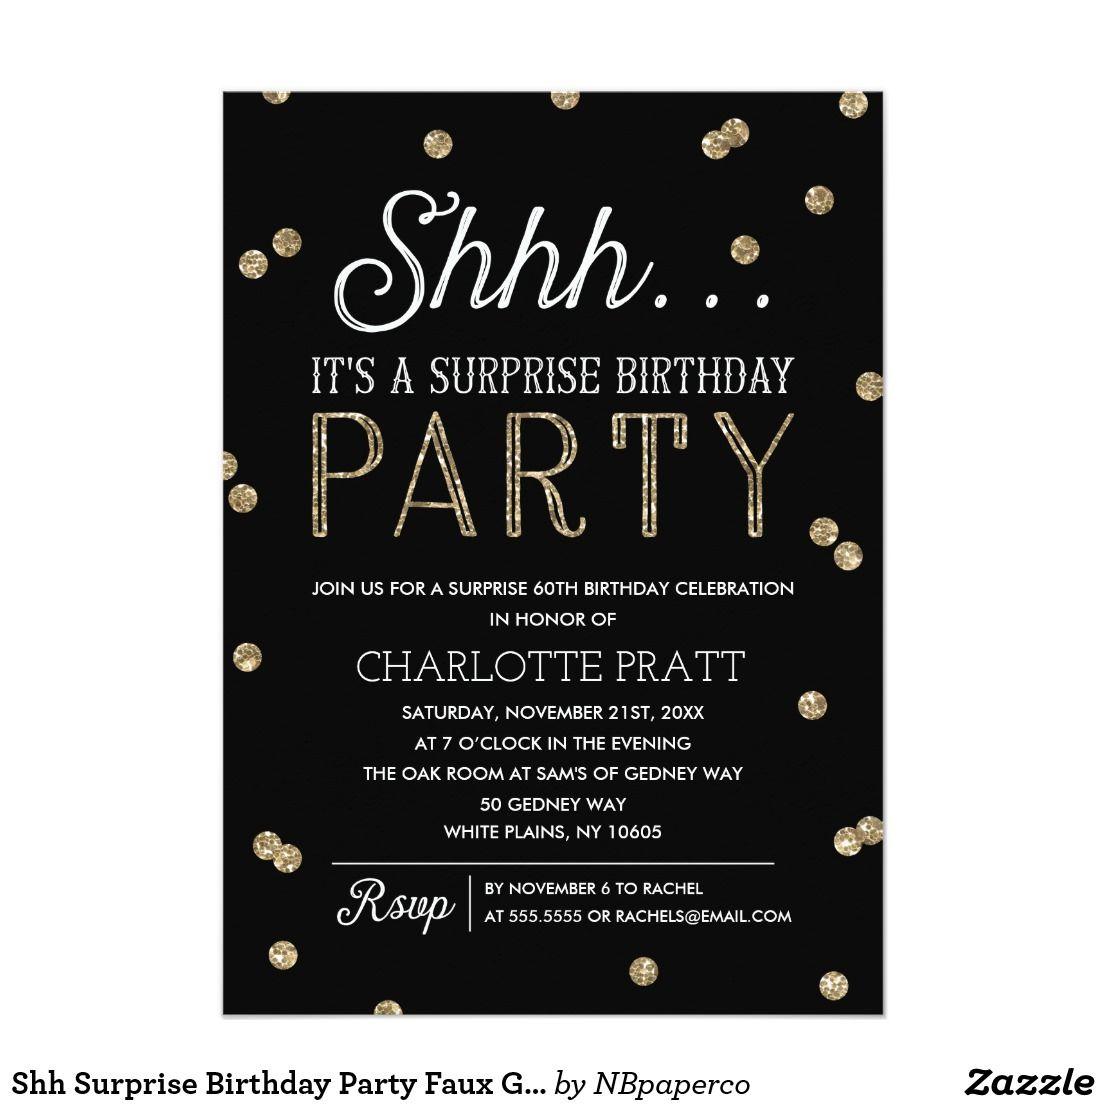 Shh Surprise Birthday Party Faux Glitter Confetti Invitation Zazzle Com Surprise Party Invitations Surprise Birthday Invitations Surprise Birthday Party Invitations